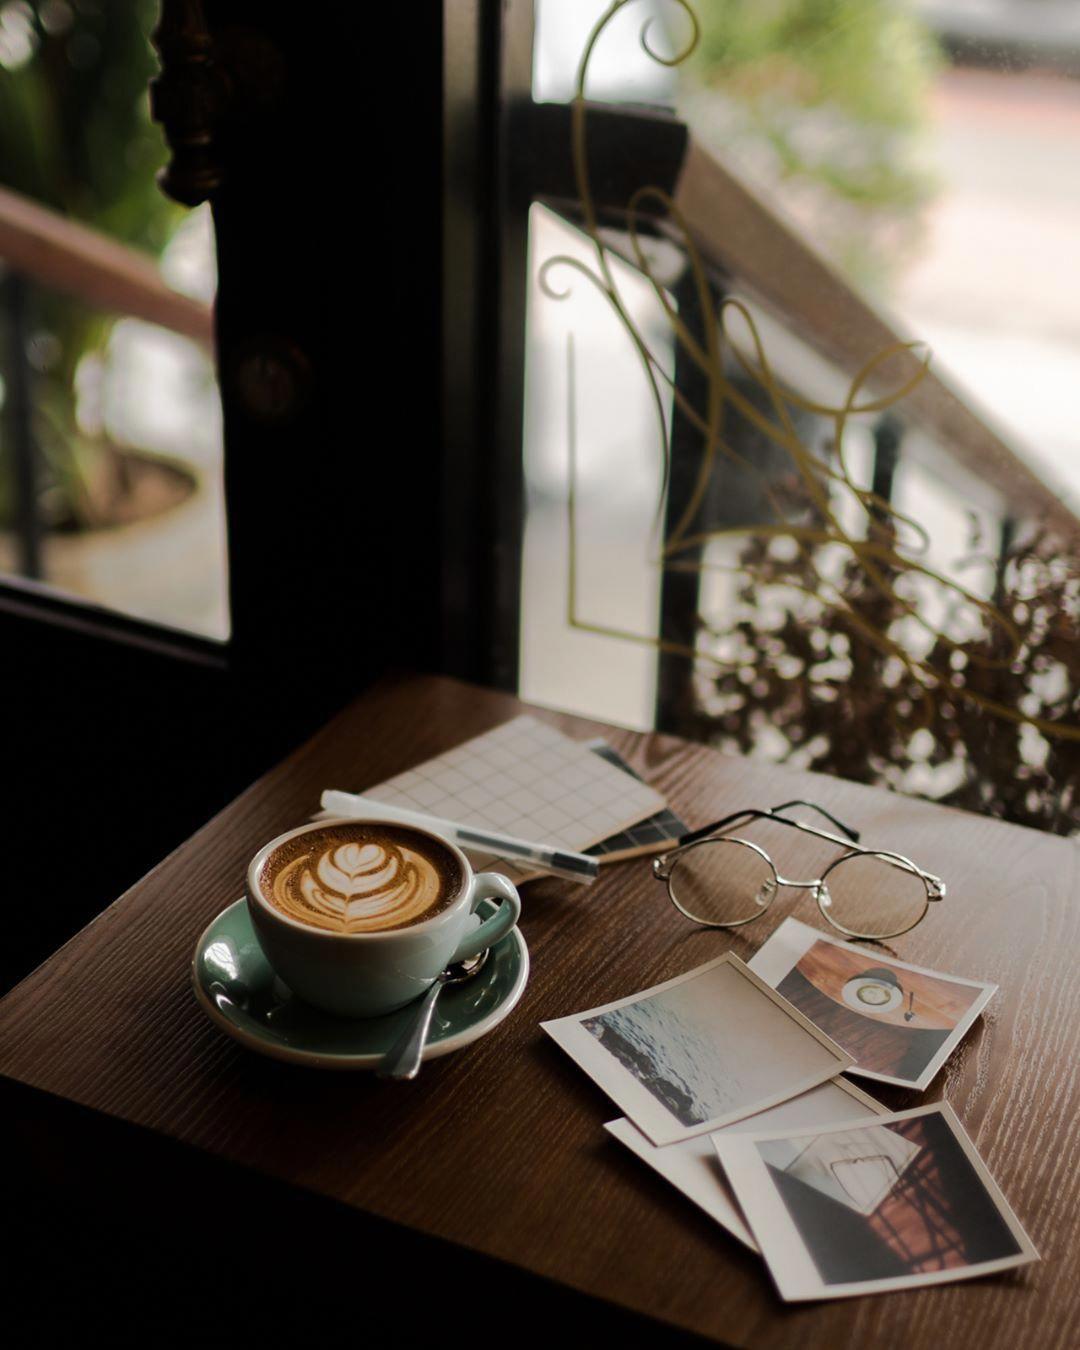 Coffee To Go Near Me Discountcoffeepods Post 6143436834 Coffeepotcleaning Coffee Love Coffee Time Coffee